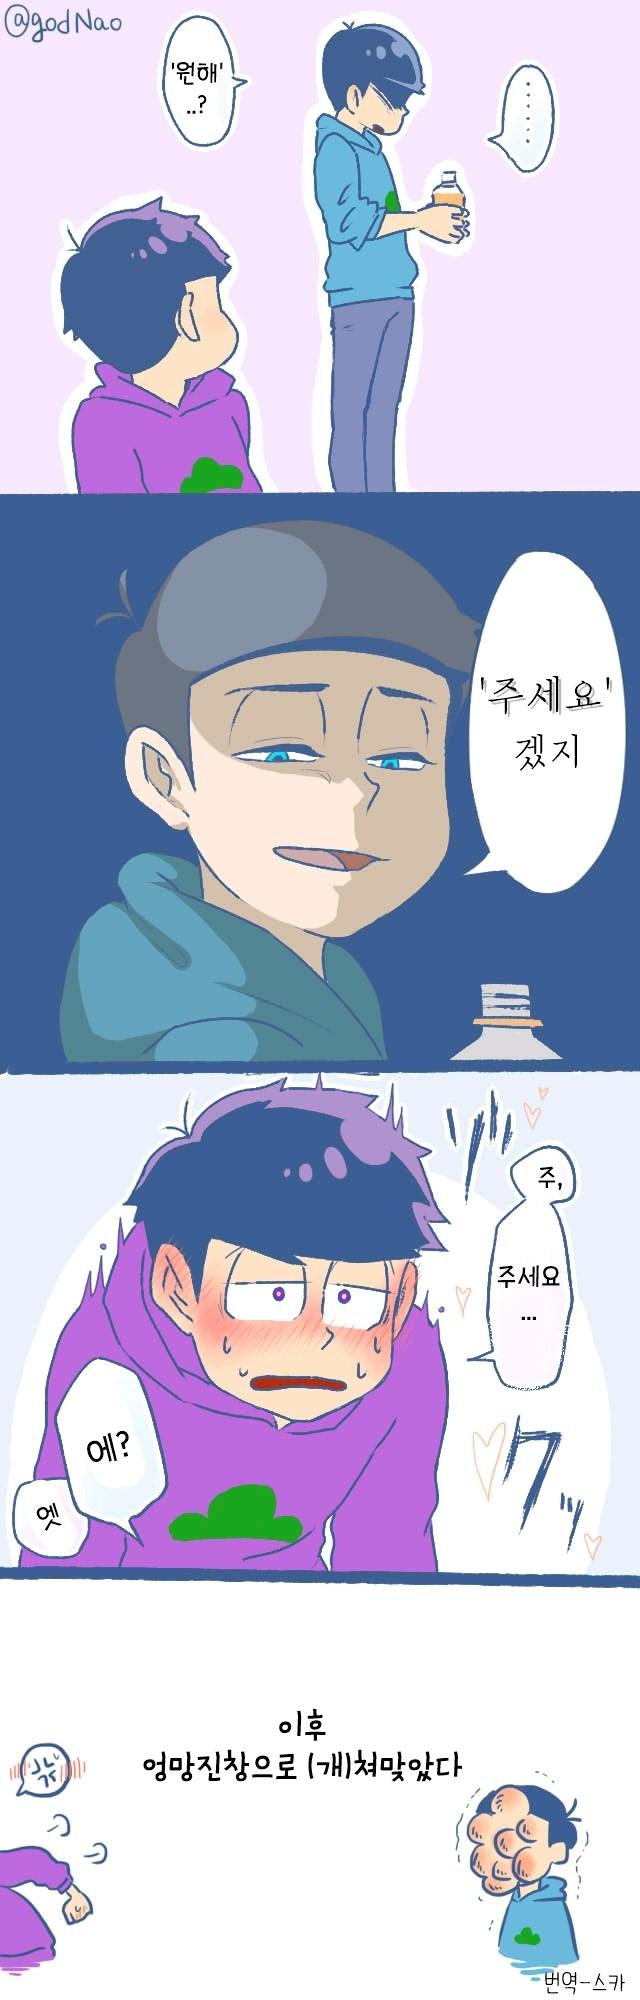 오소마츠상 번역 카라이치 카라마츠사마 네이버 블로그 2020 웹툰 애니메이션 일본 애니메이션